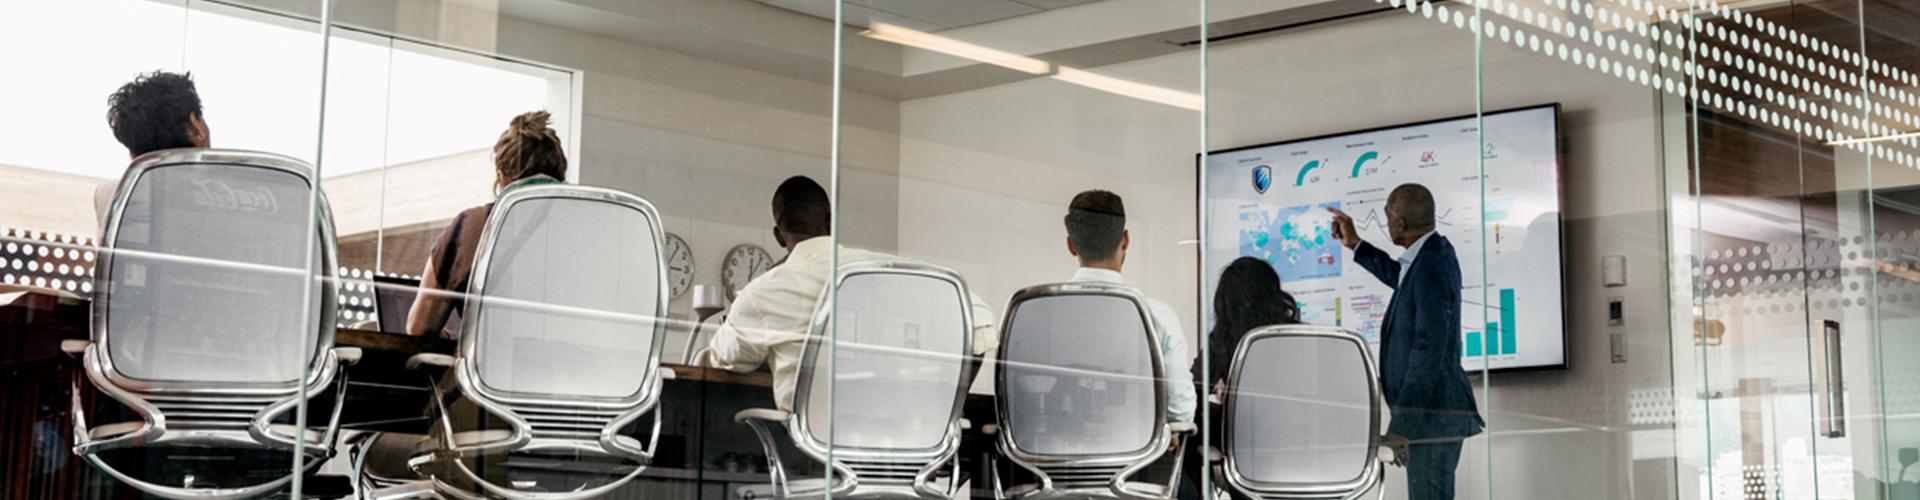 Foto einer Gruppe von Personen in einem großen modernen Konferenzraum, die an einem großen Tisch vor ihren Laptops sitzen